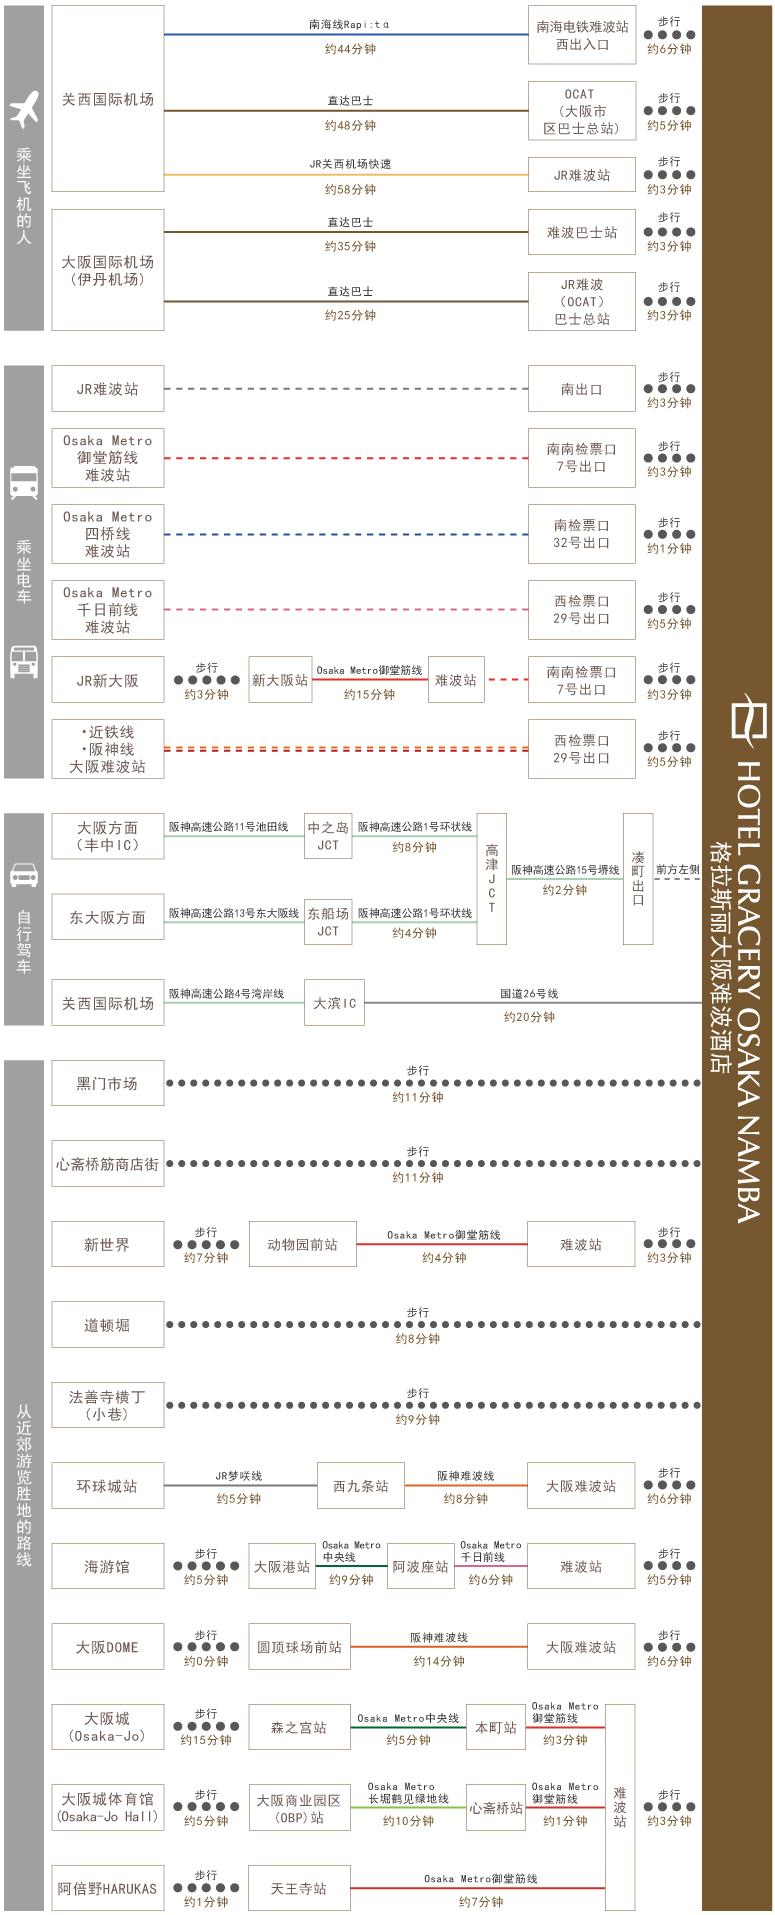 chart_zh_cn_osaka_namba_gwh